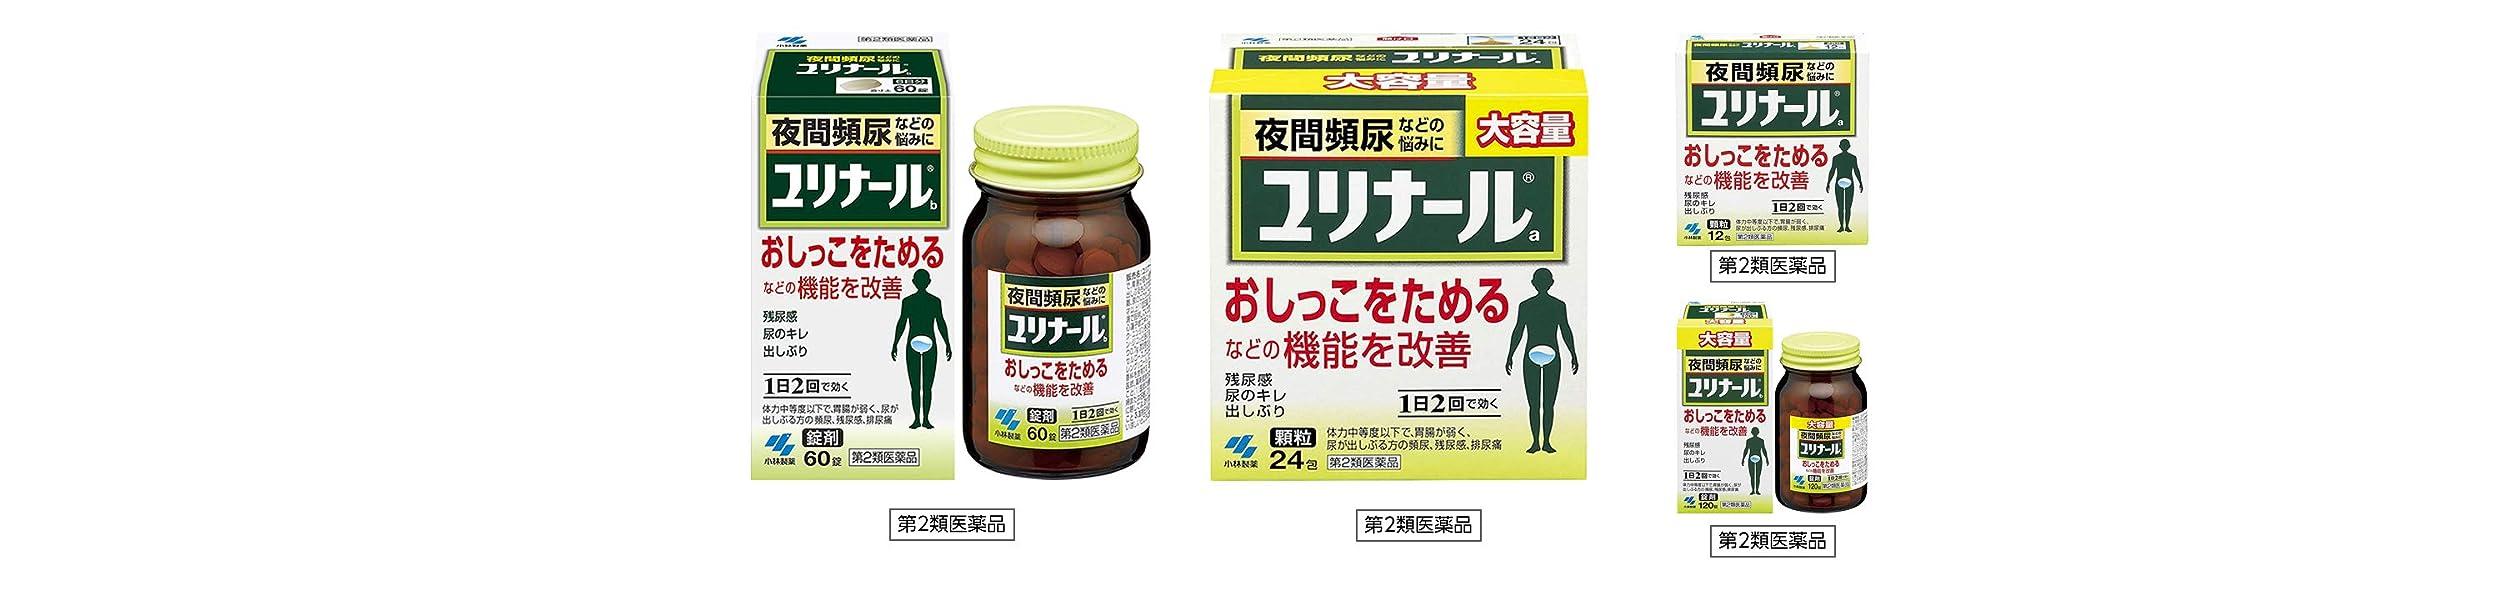 夜間頻尿などの悩みに小林製薬の「ユリナール」